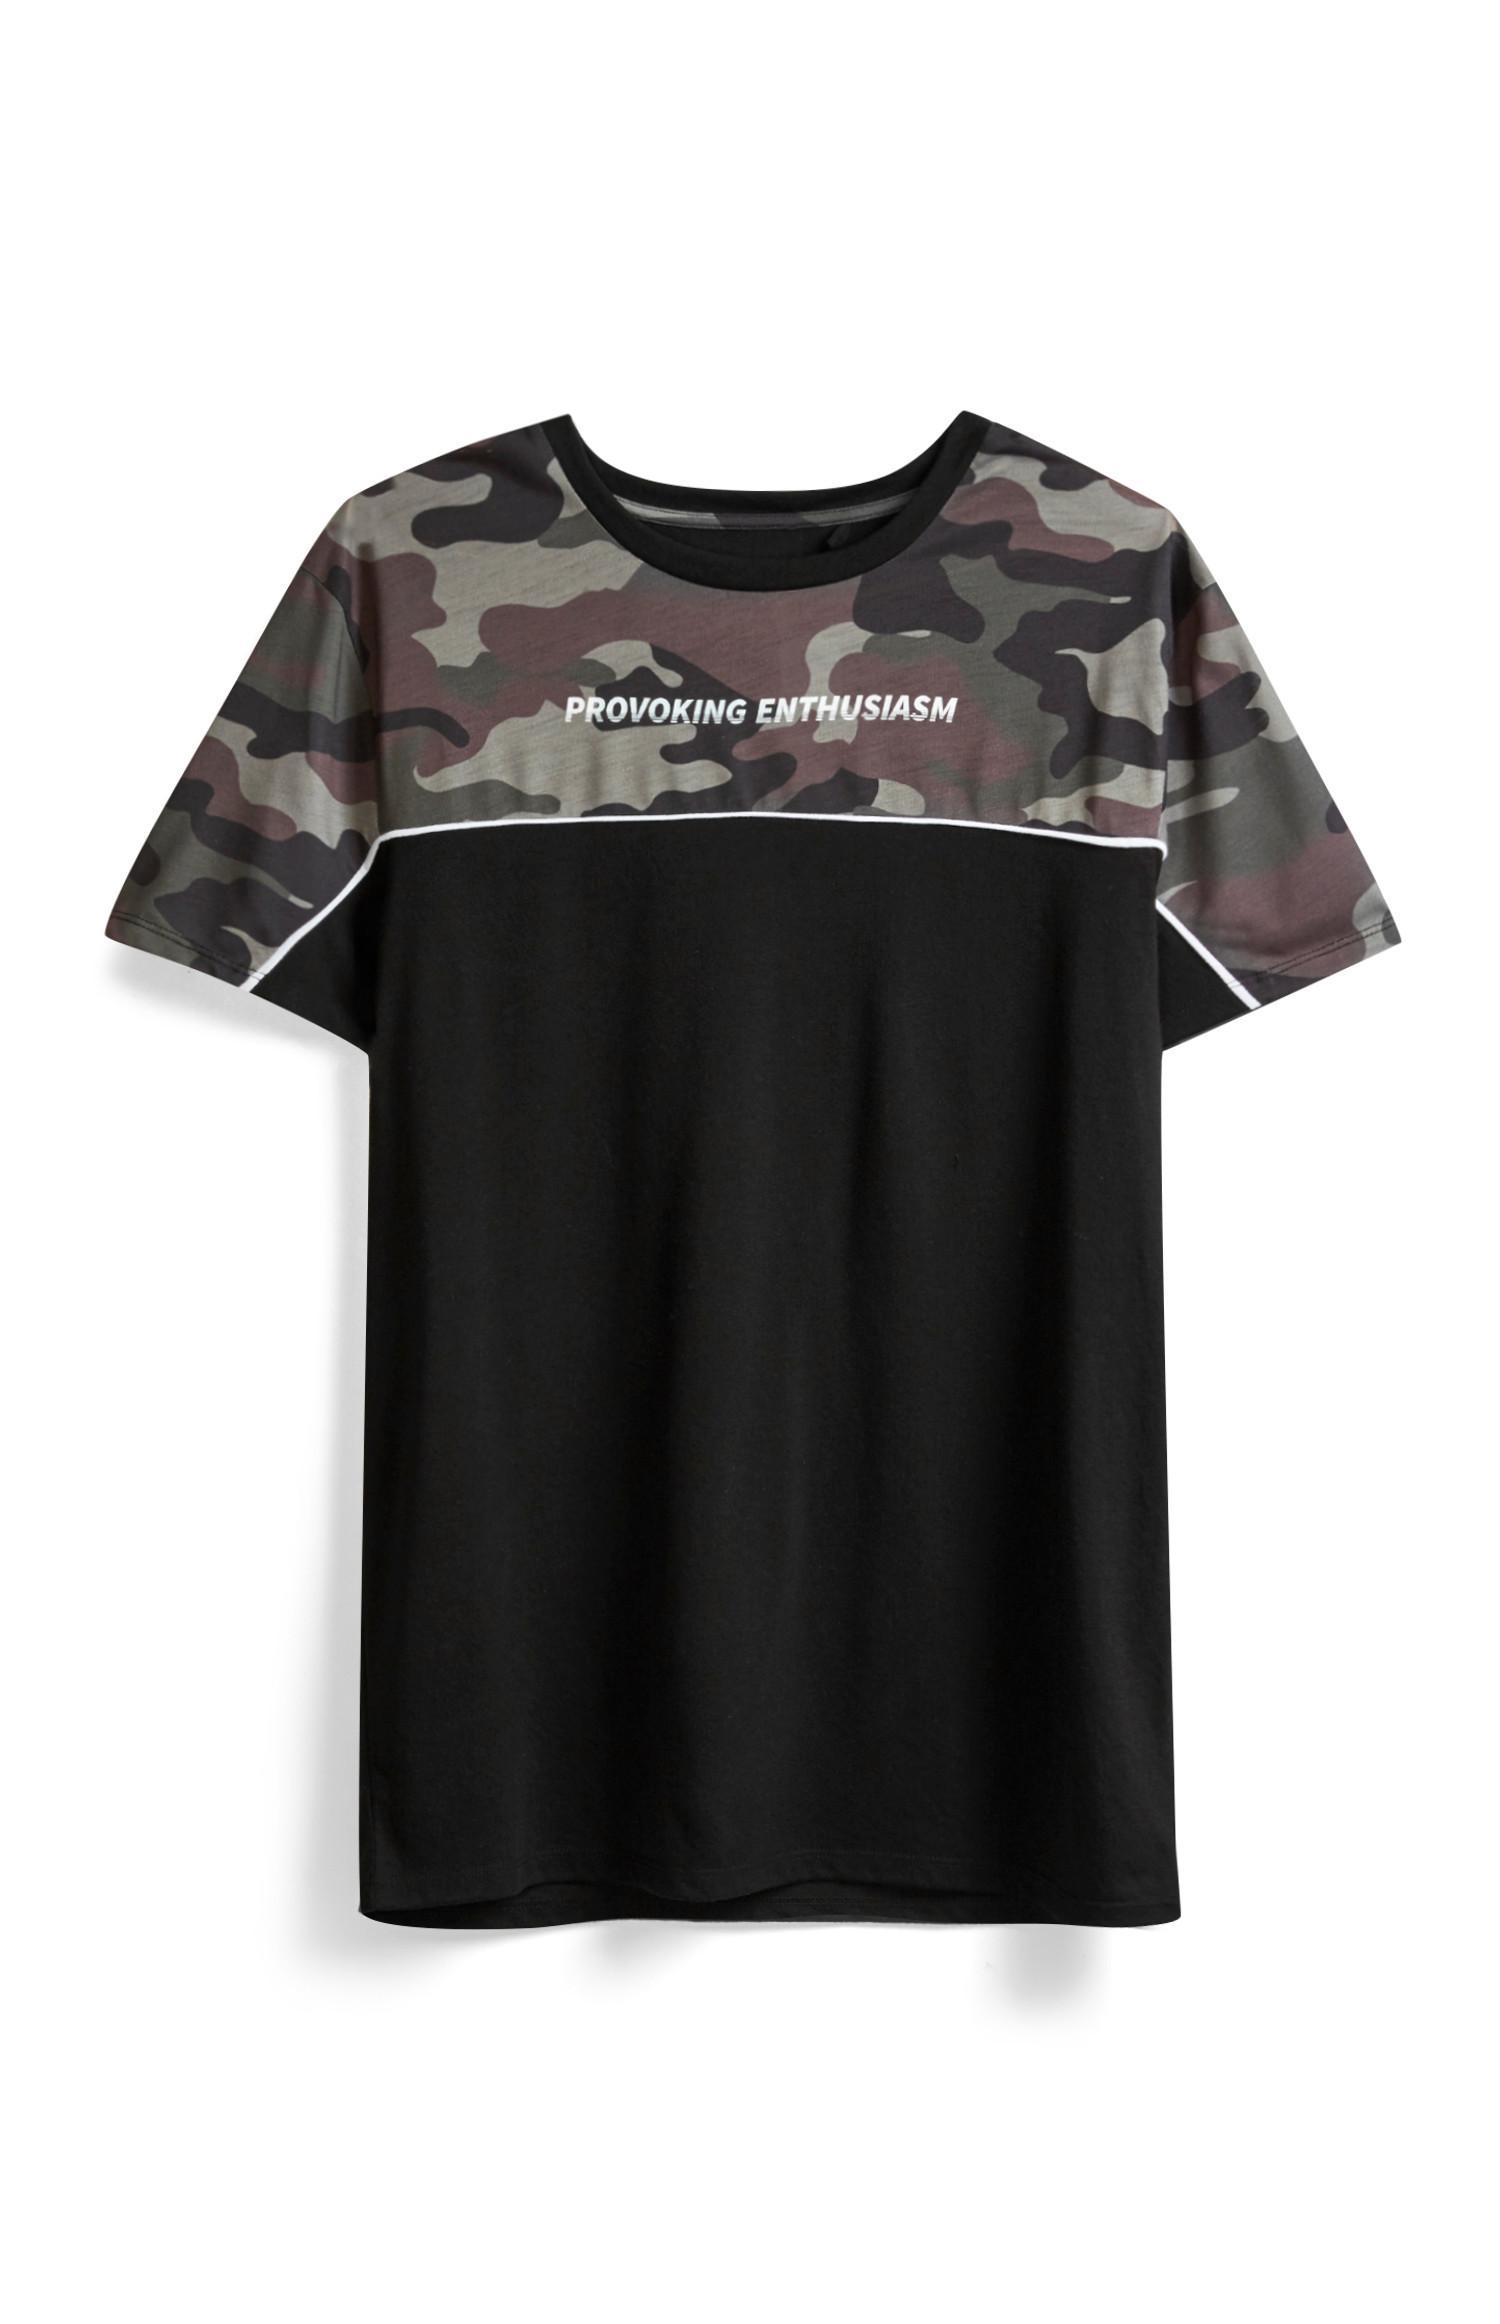 Schwarz gemustertes T-Shirt mit Slogan